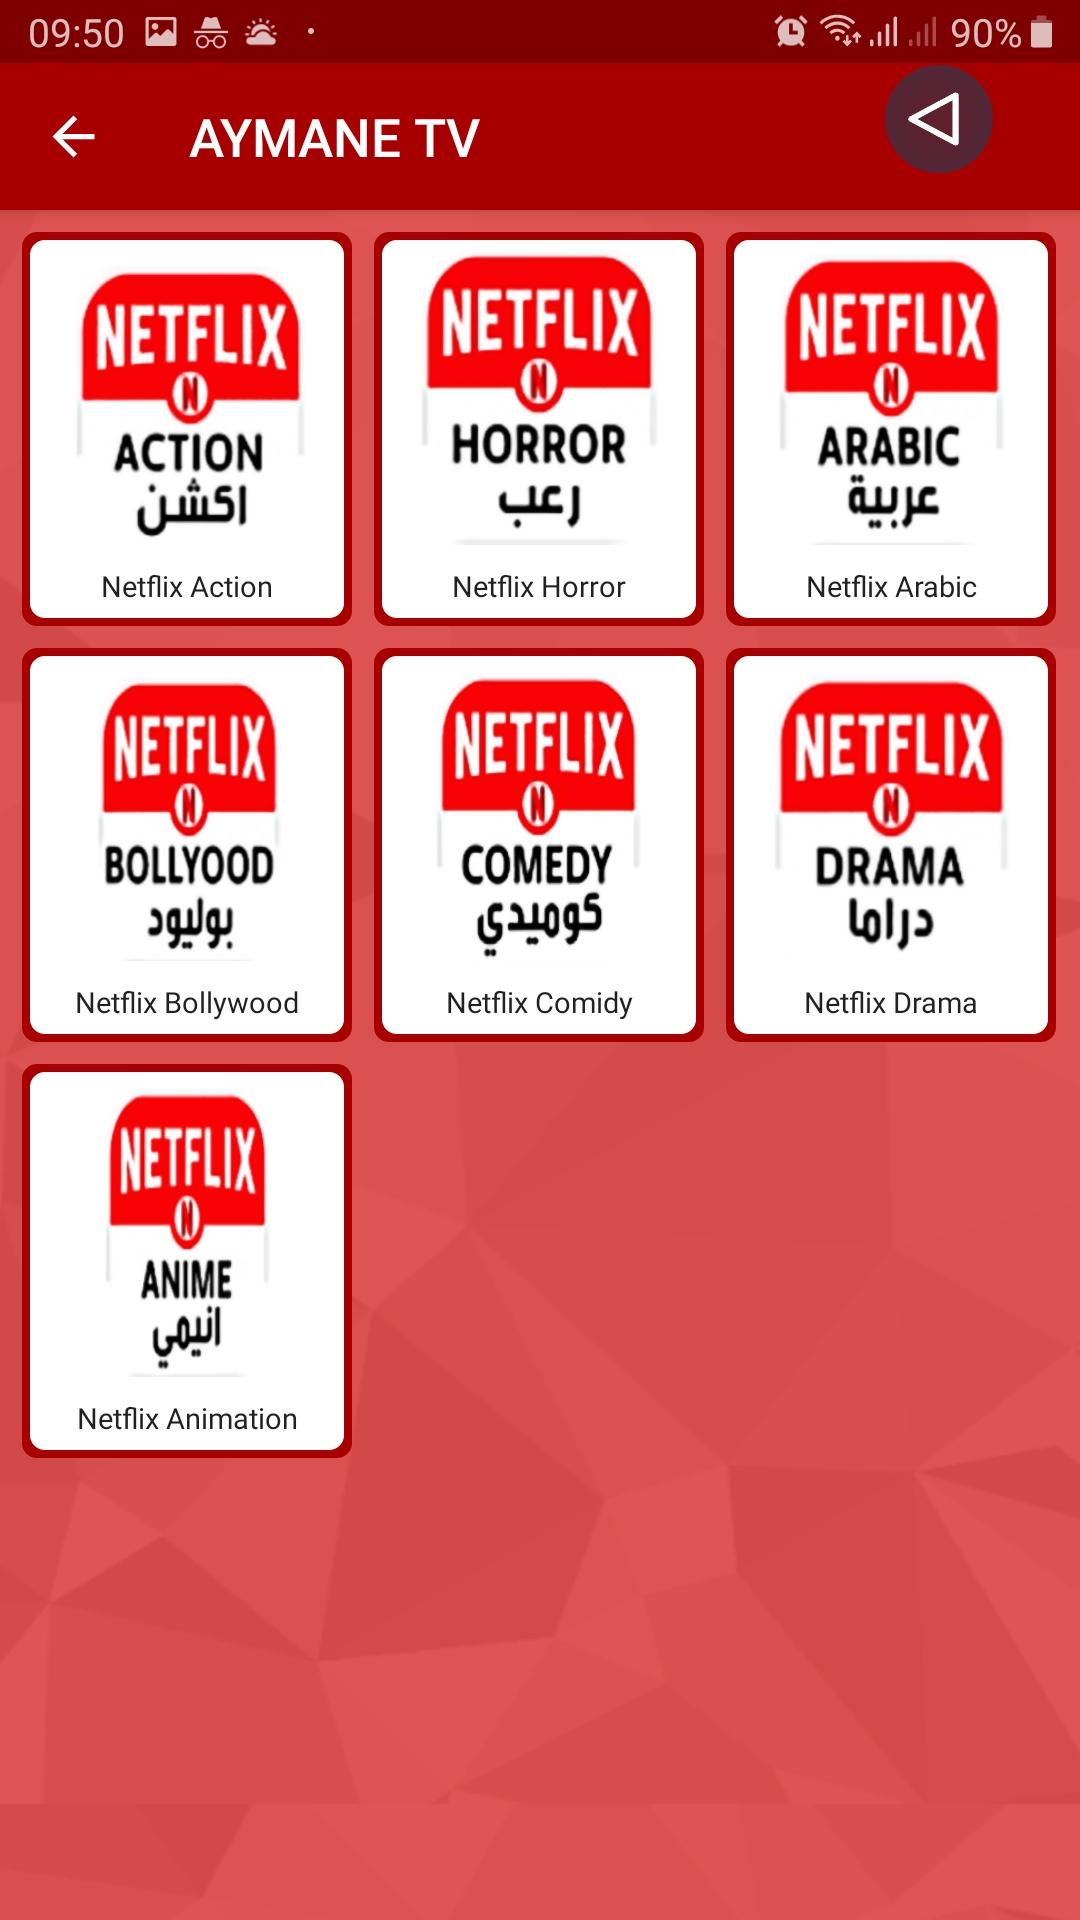 ayman tv أفضل تطبيق لمشاهدة القنوات المشفرة على الاطلاق للأندرويد